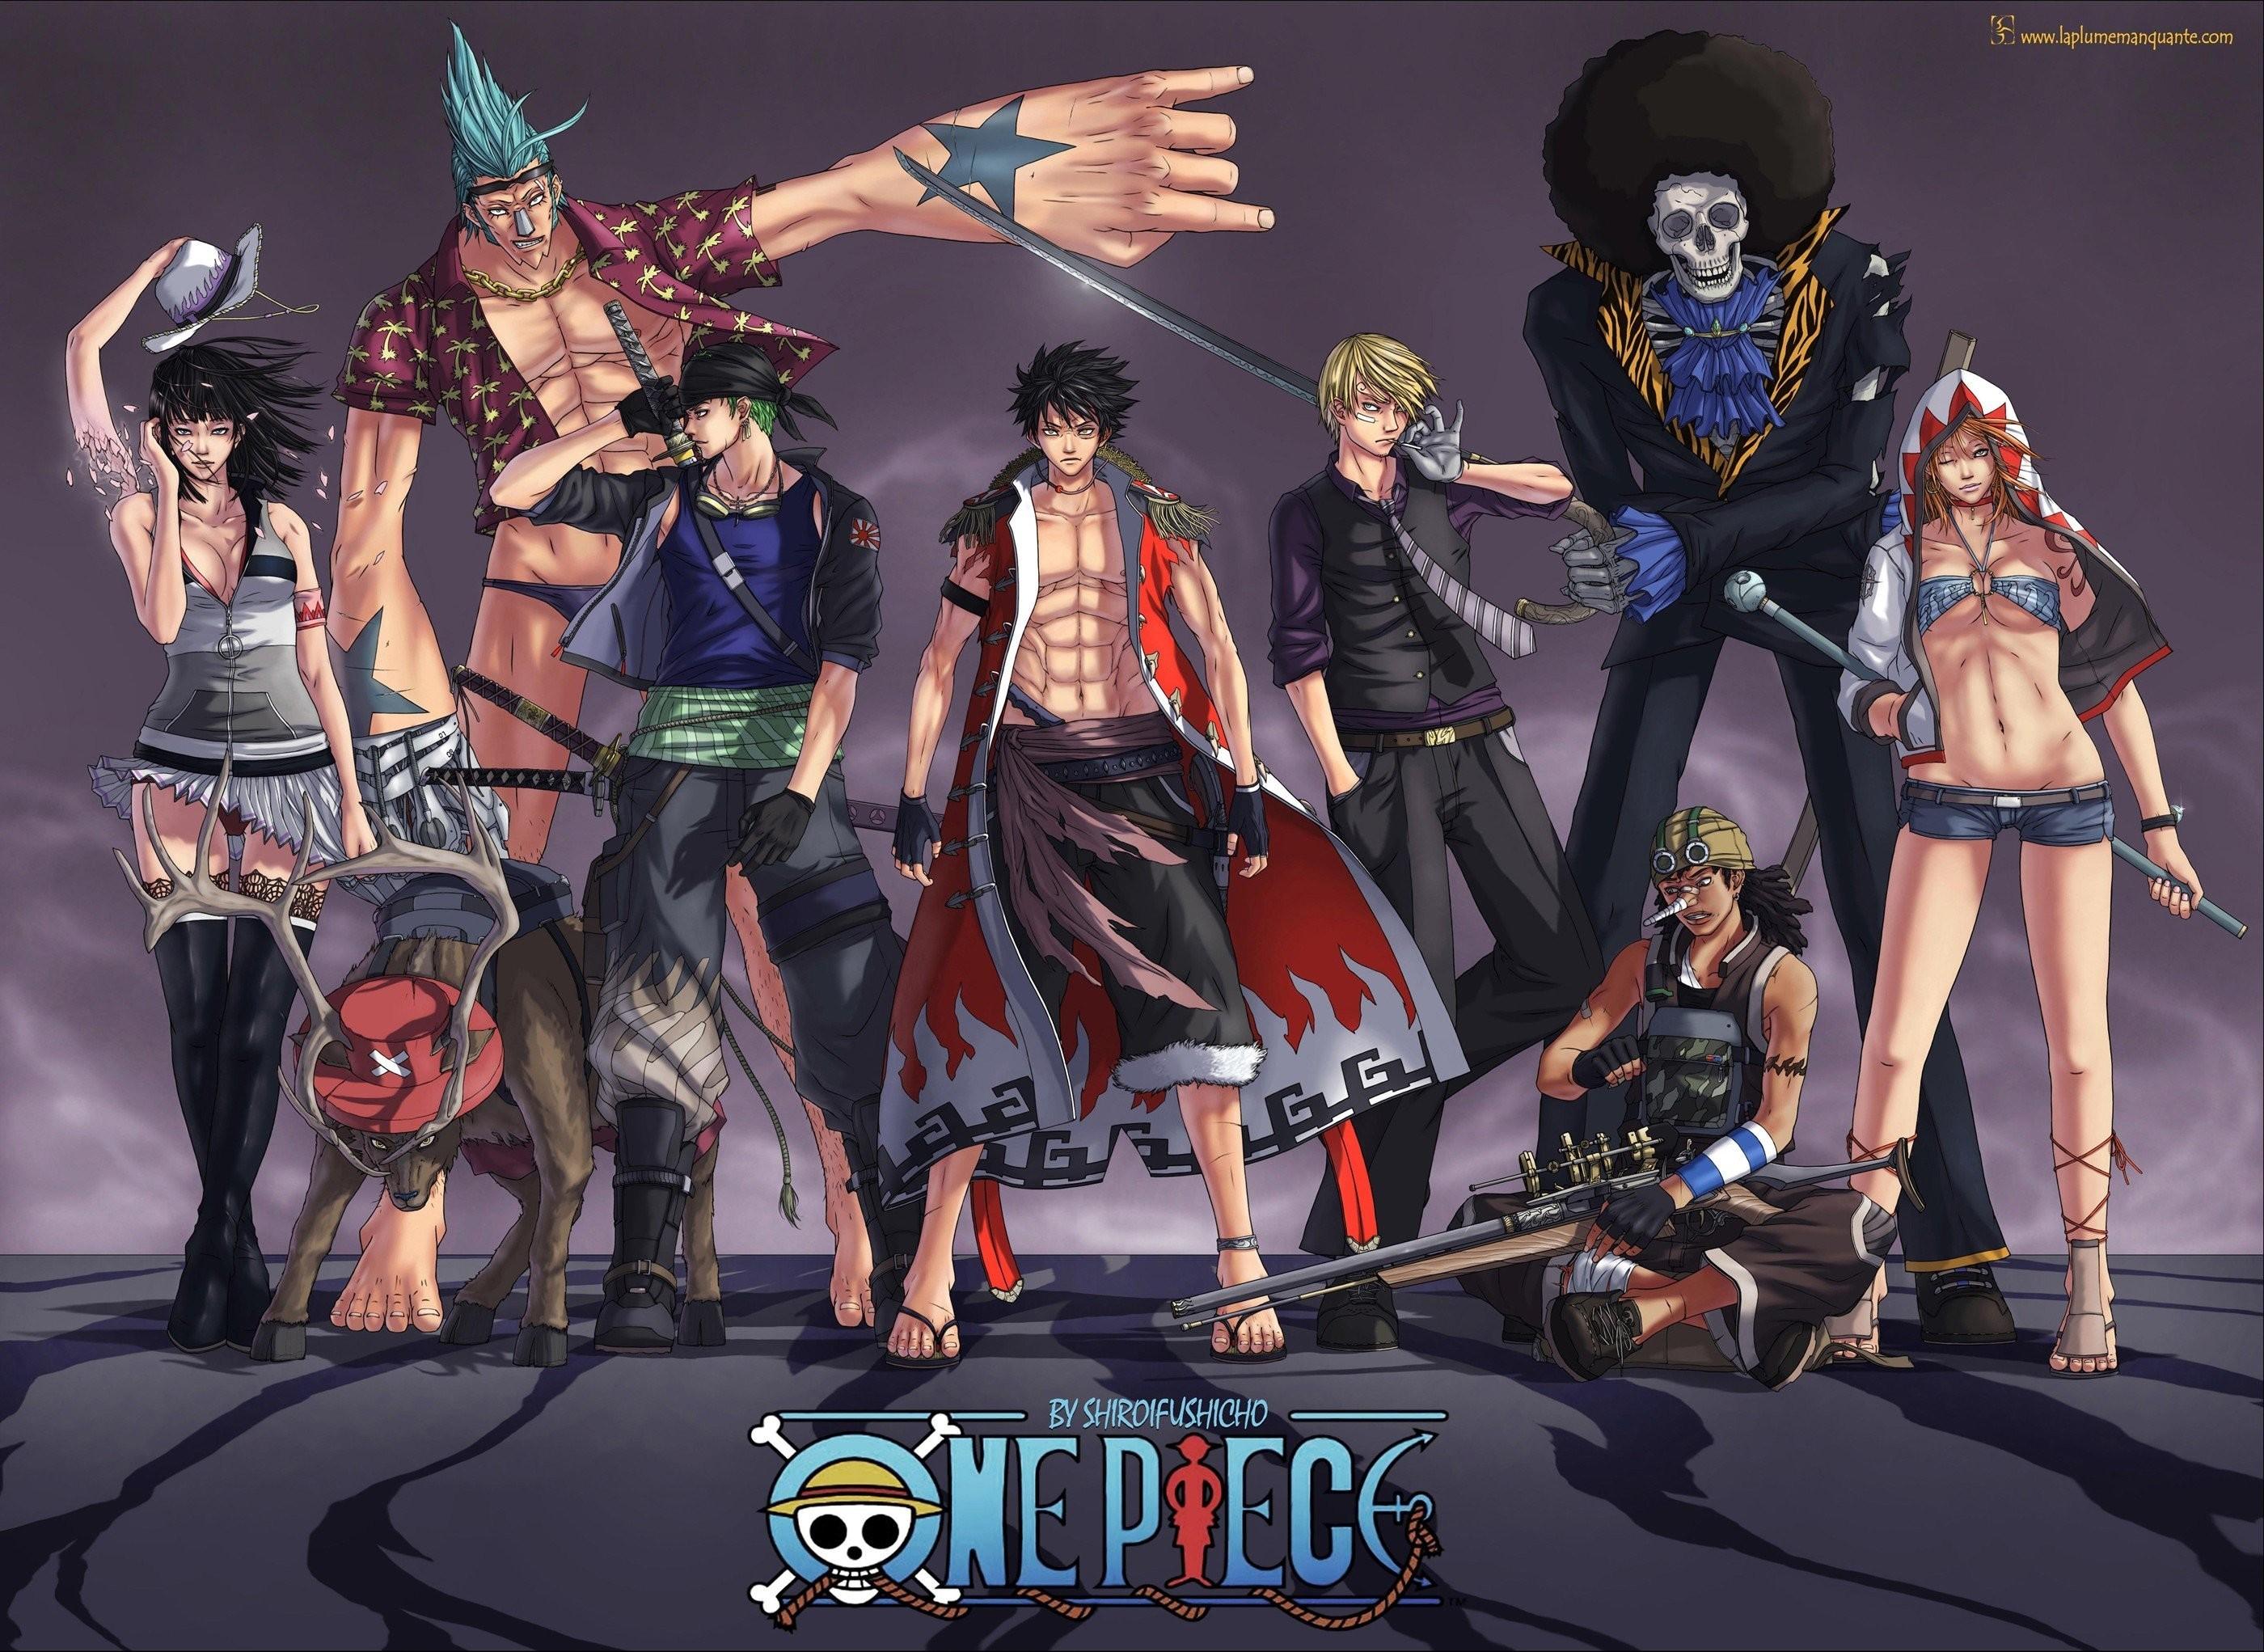 Ảnh 3D One Piece cực đẹp